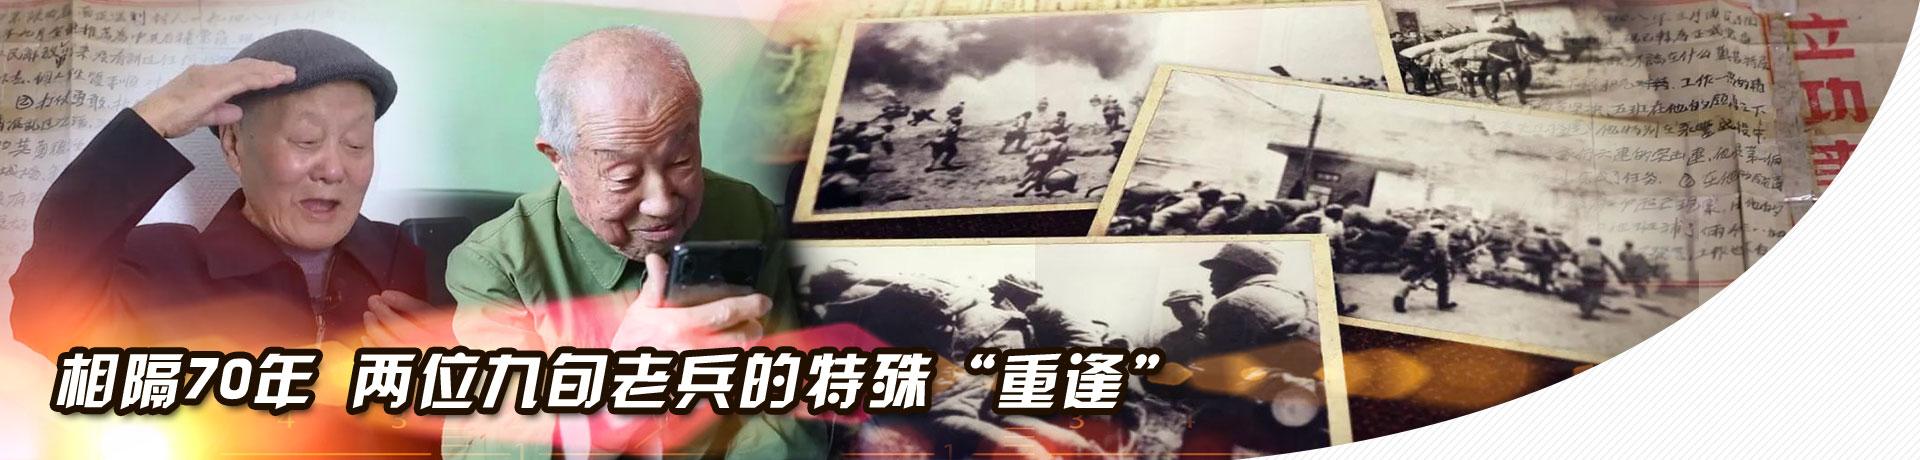 """相隔70年 两位九旬老兵的特殊""""重逢"""""""